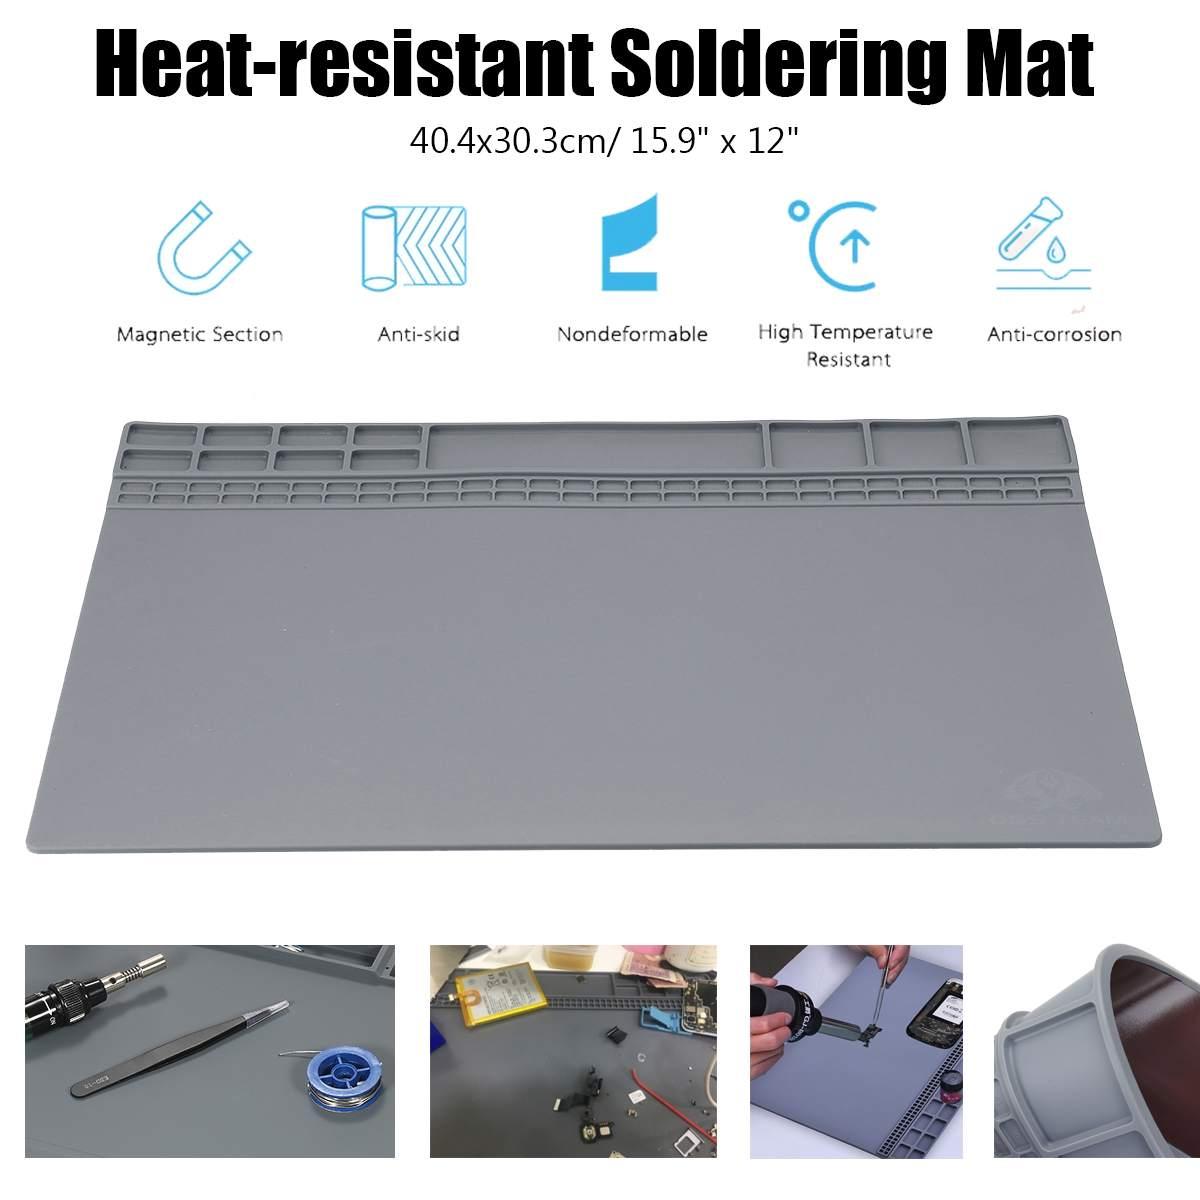 Almofada de isolamento resistente ao calor estação de solda de silicone almofada de trabalho mesa plataforma de solda estação de reparo